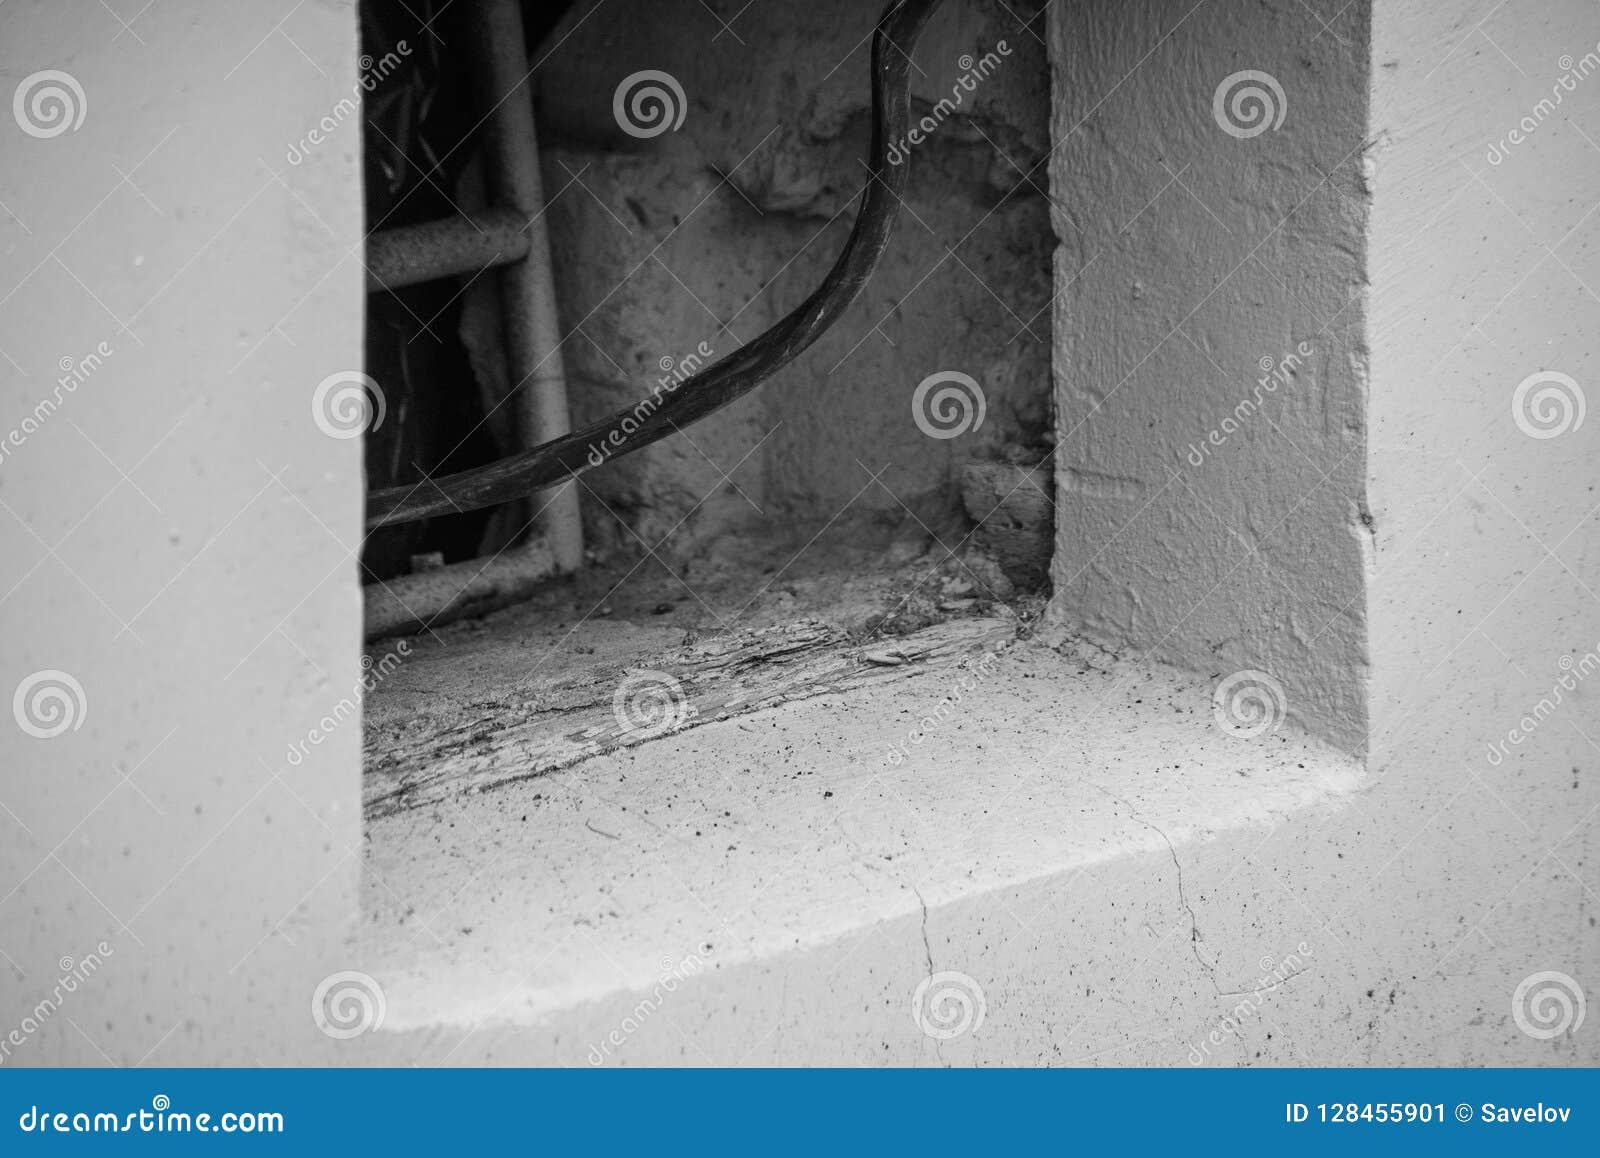 Schwarzweiss-Foto eines elektrischen Drahtes, der vom Keller eines Gebäudes kommt